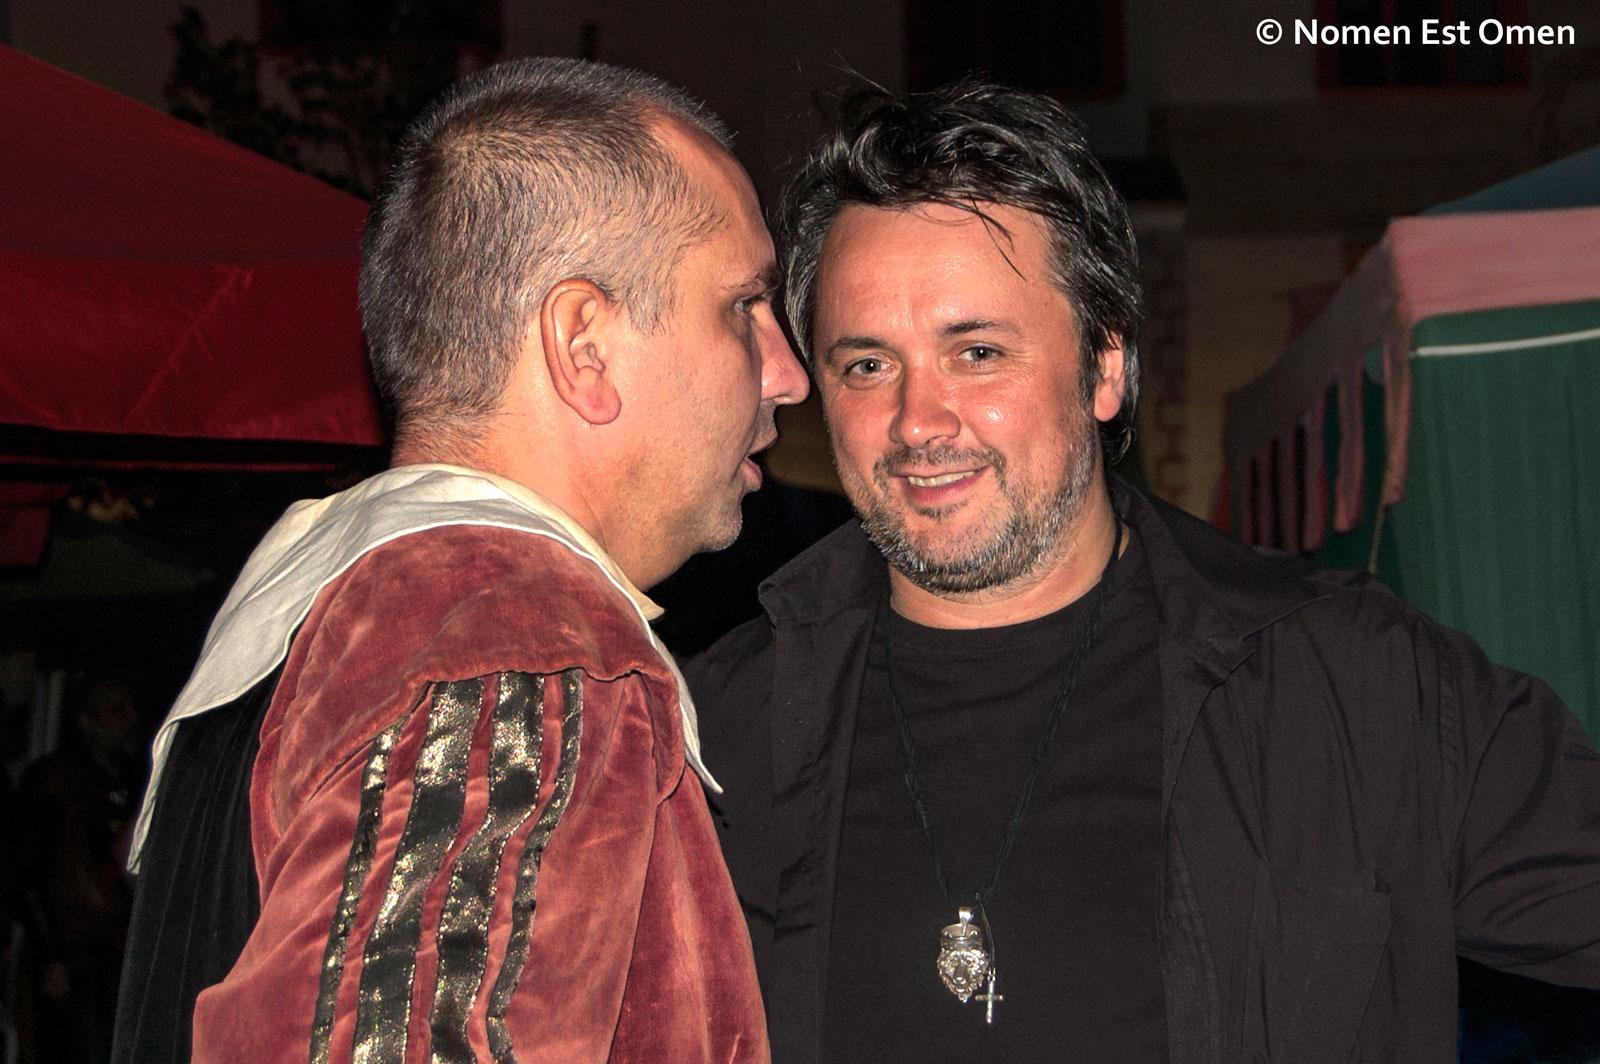 Mihai Plămădeală & Liviu Pancu